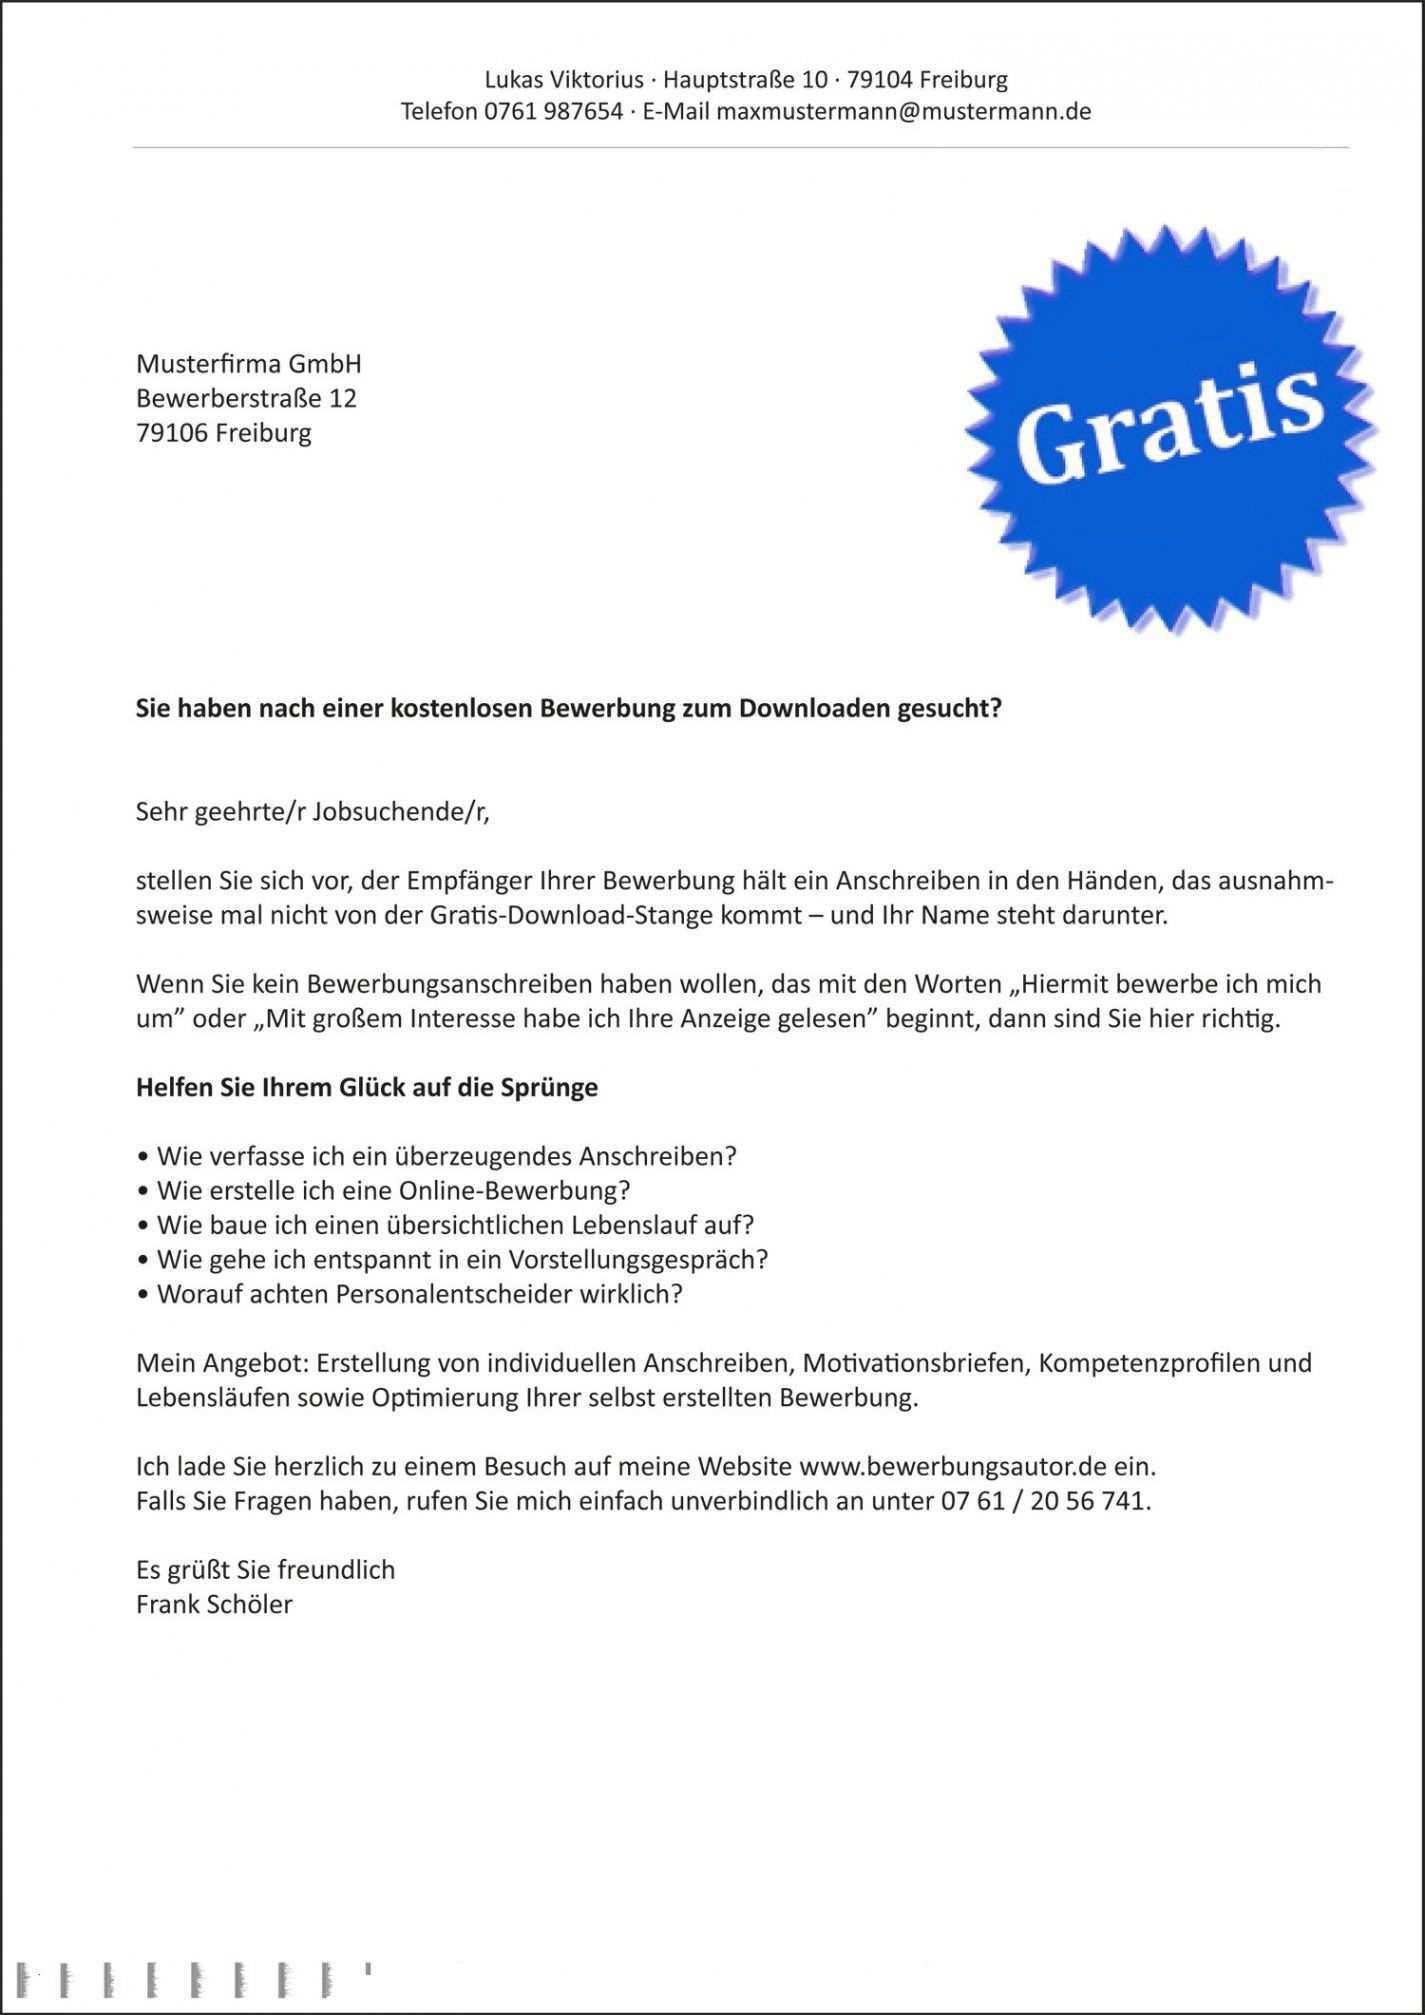 Durchsuche Unsere Druckbar Von Lebenslauf Vorlage Schuler Max Mustermann Vorlagen Lebenslauf Lebenslauf Muster Bewerbung Lebenslauf